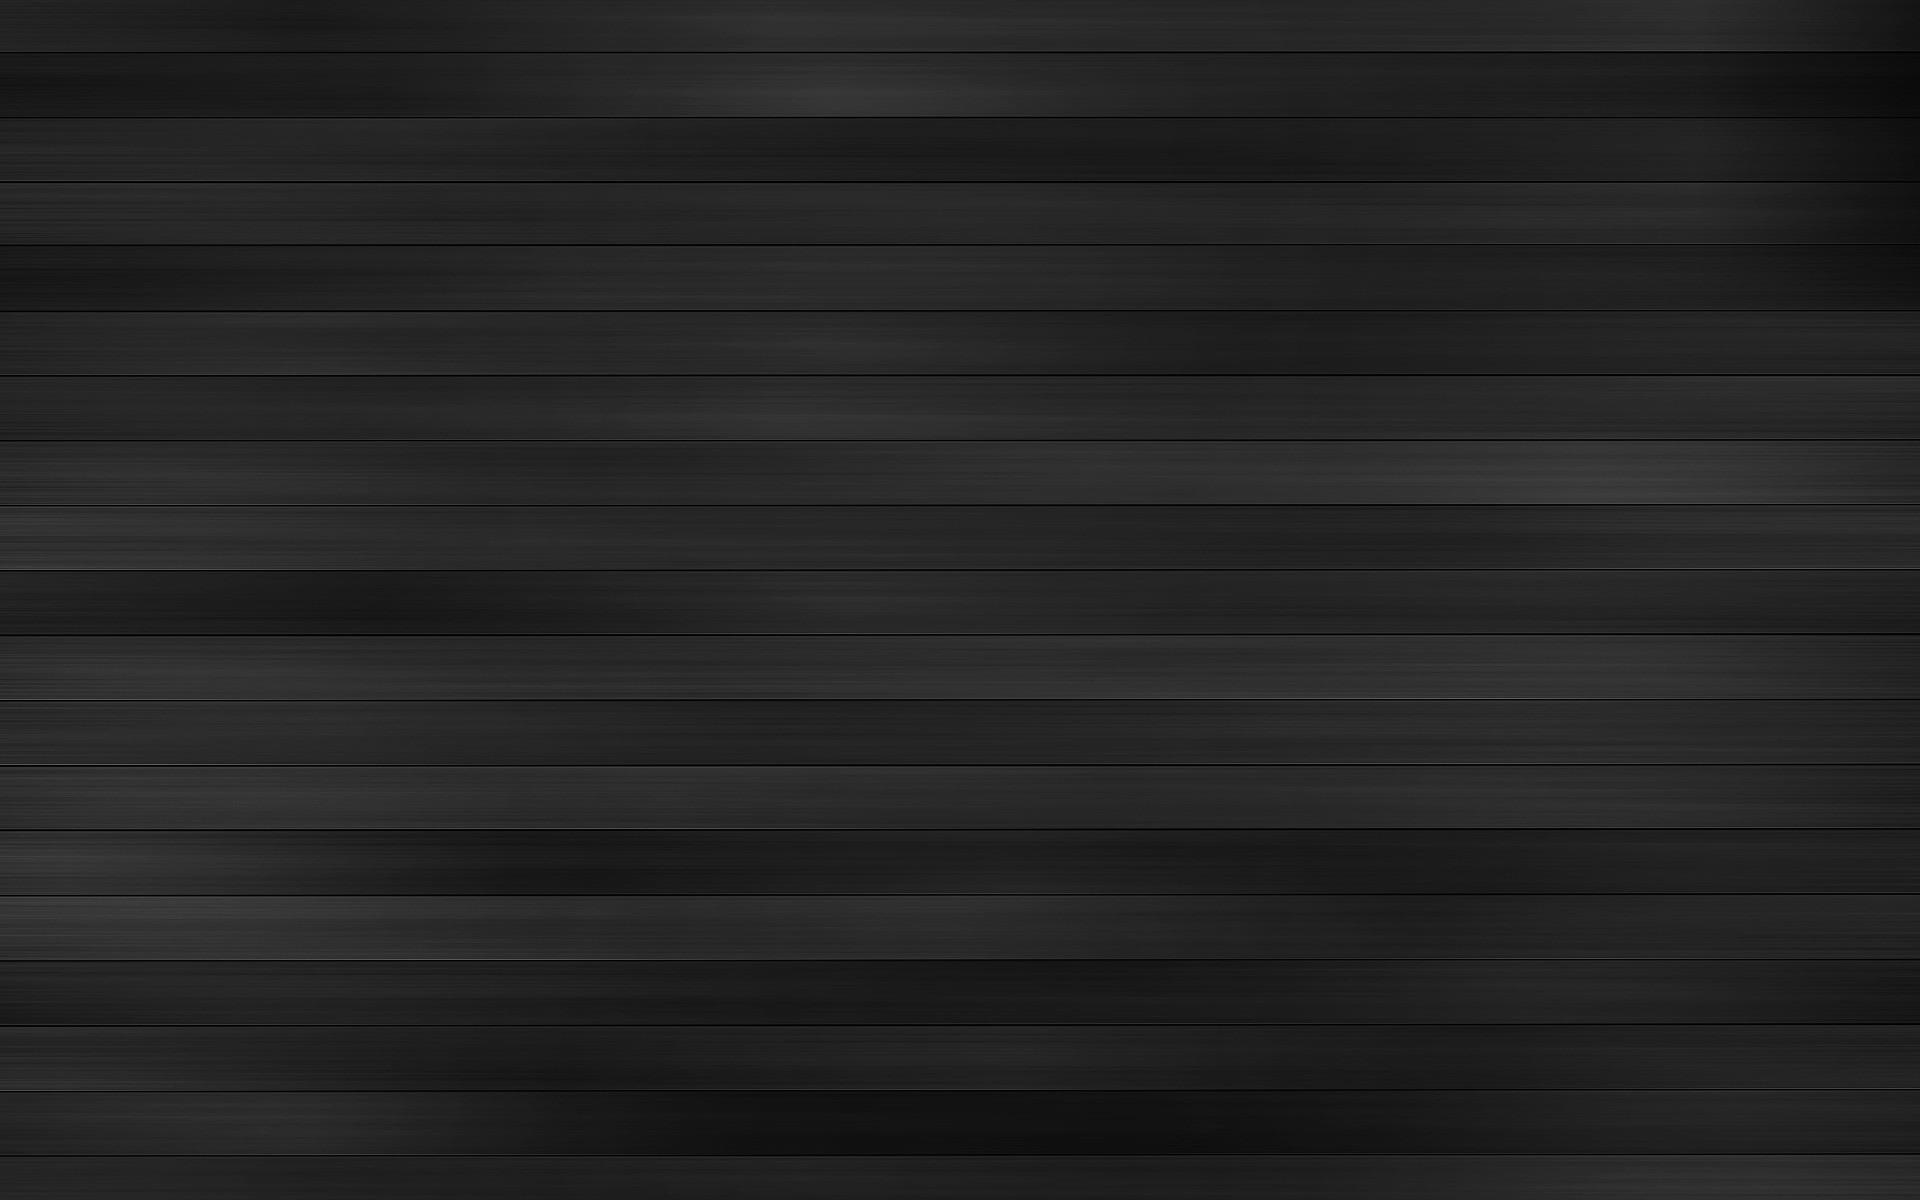 view слово о полку игореве версии прочтения в исследованиях бориса никитиных александра ковешникова алексея патшина владимира жикаренцева